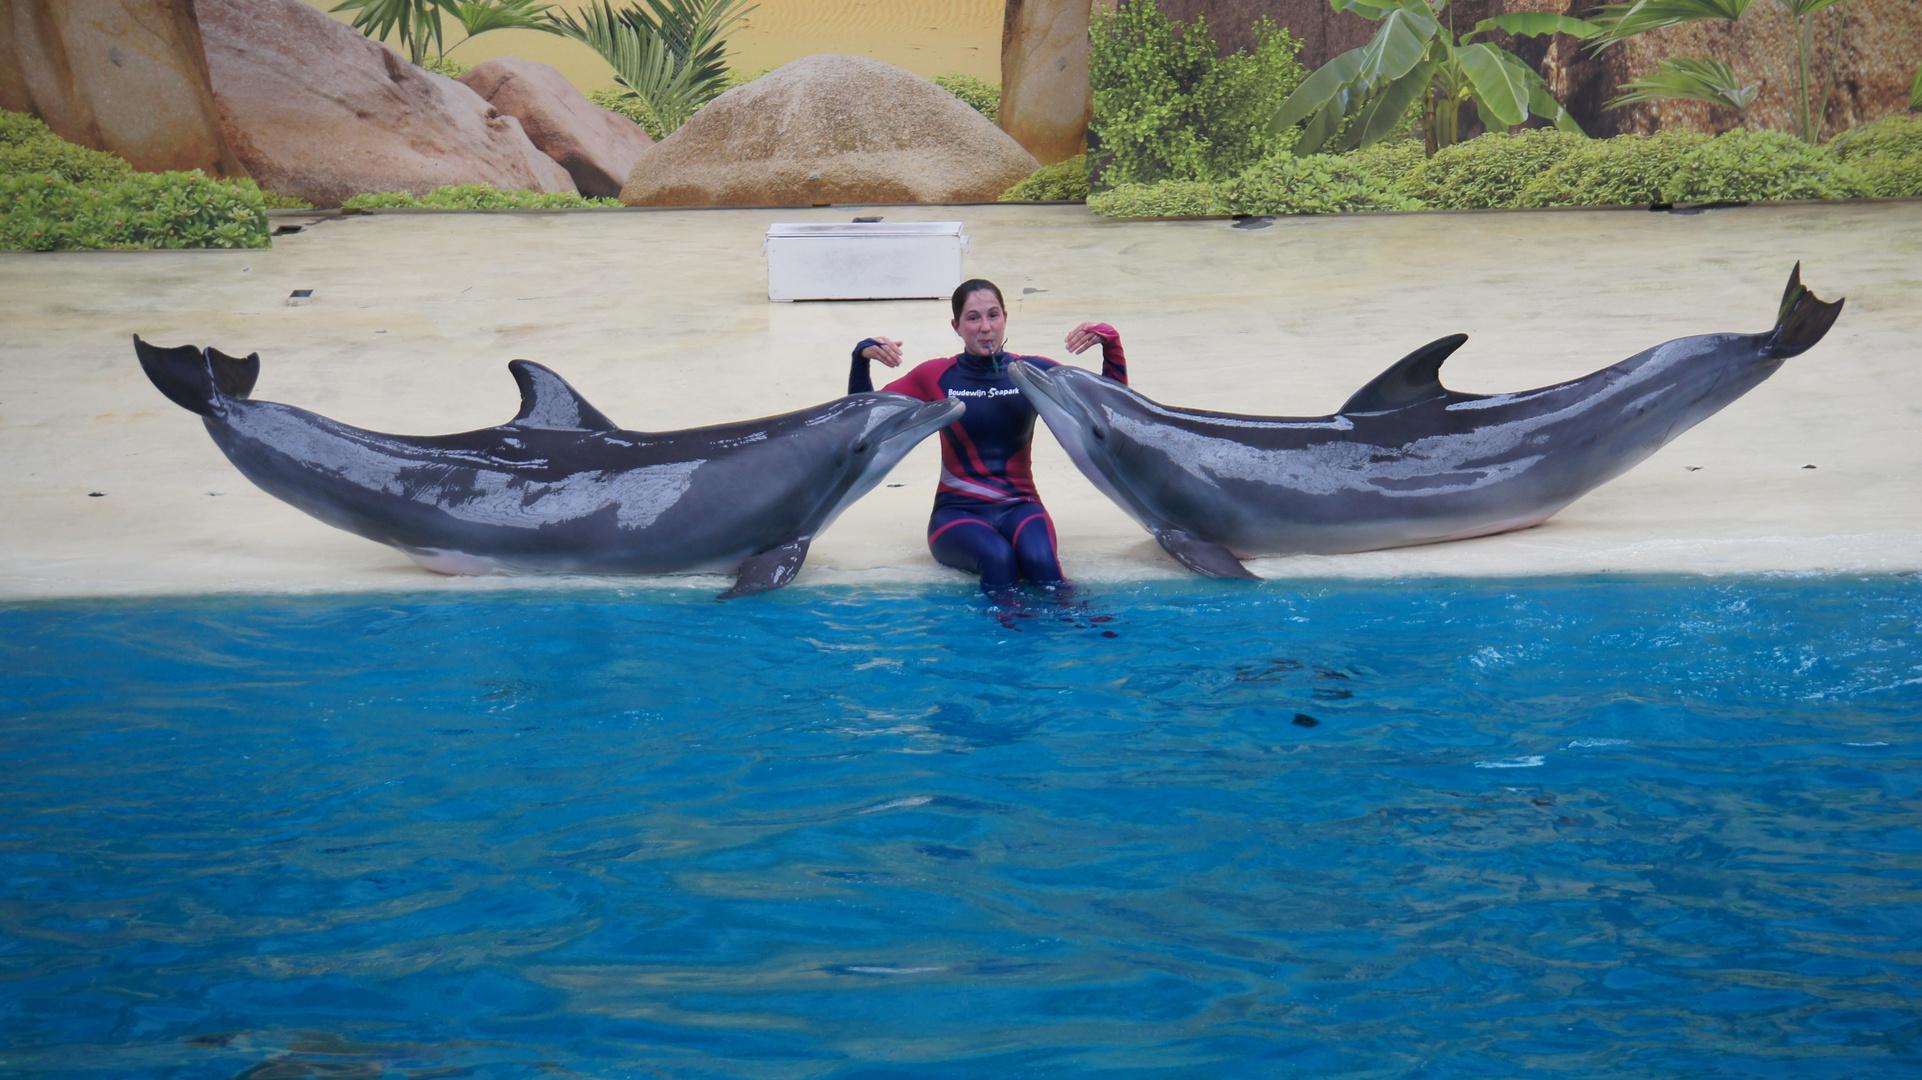 Mensch und Delfinen